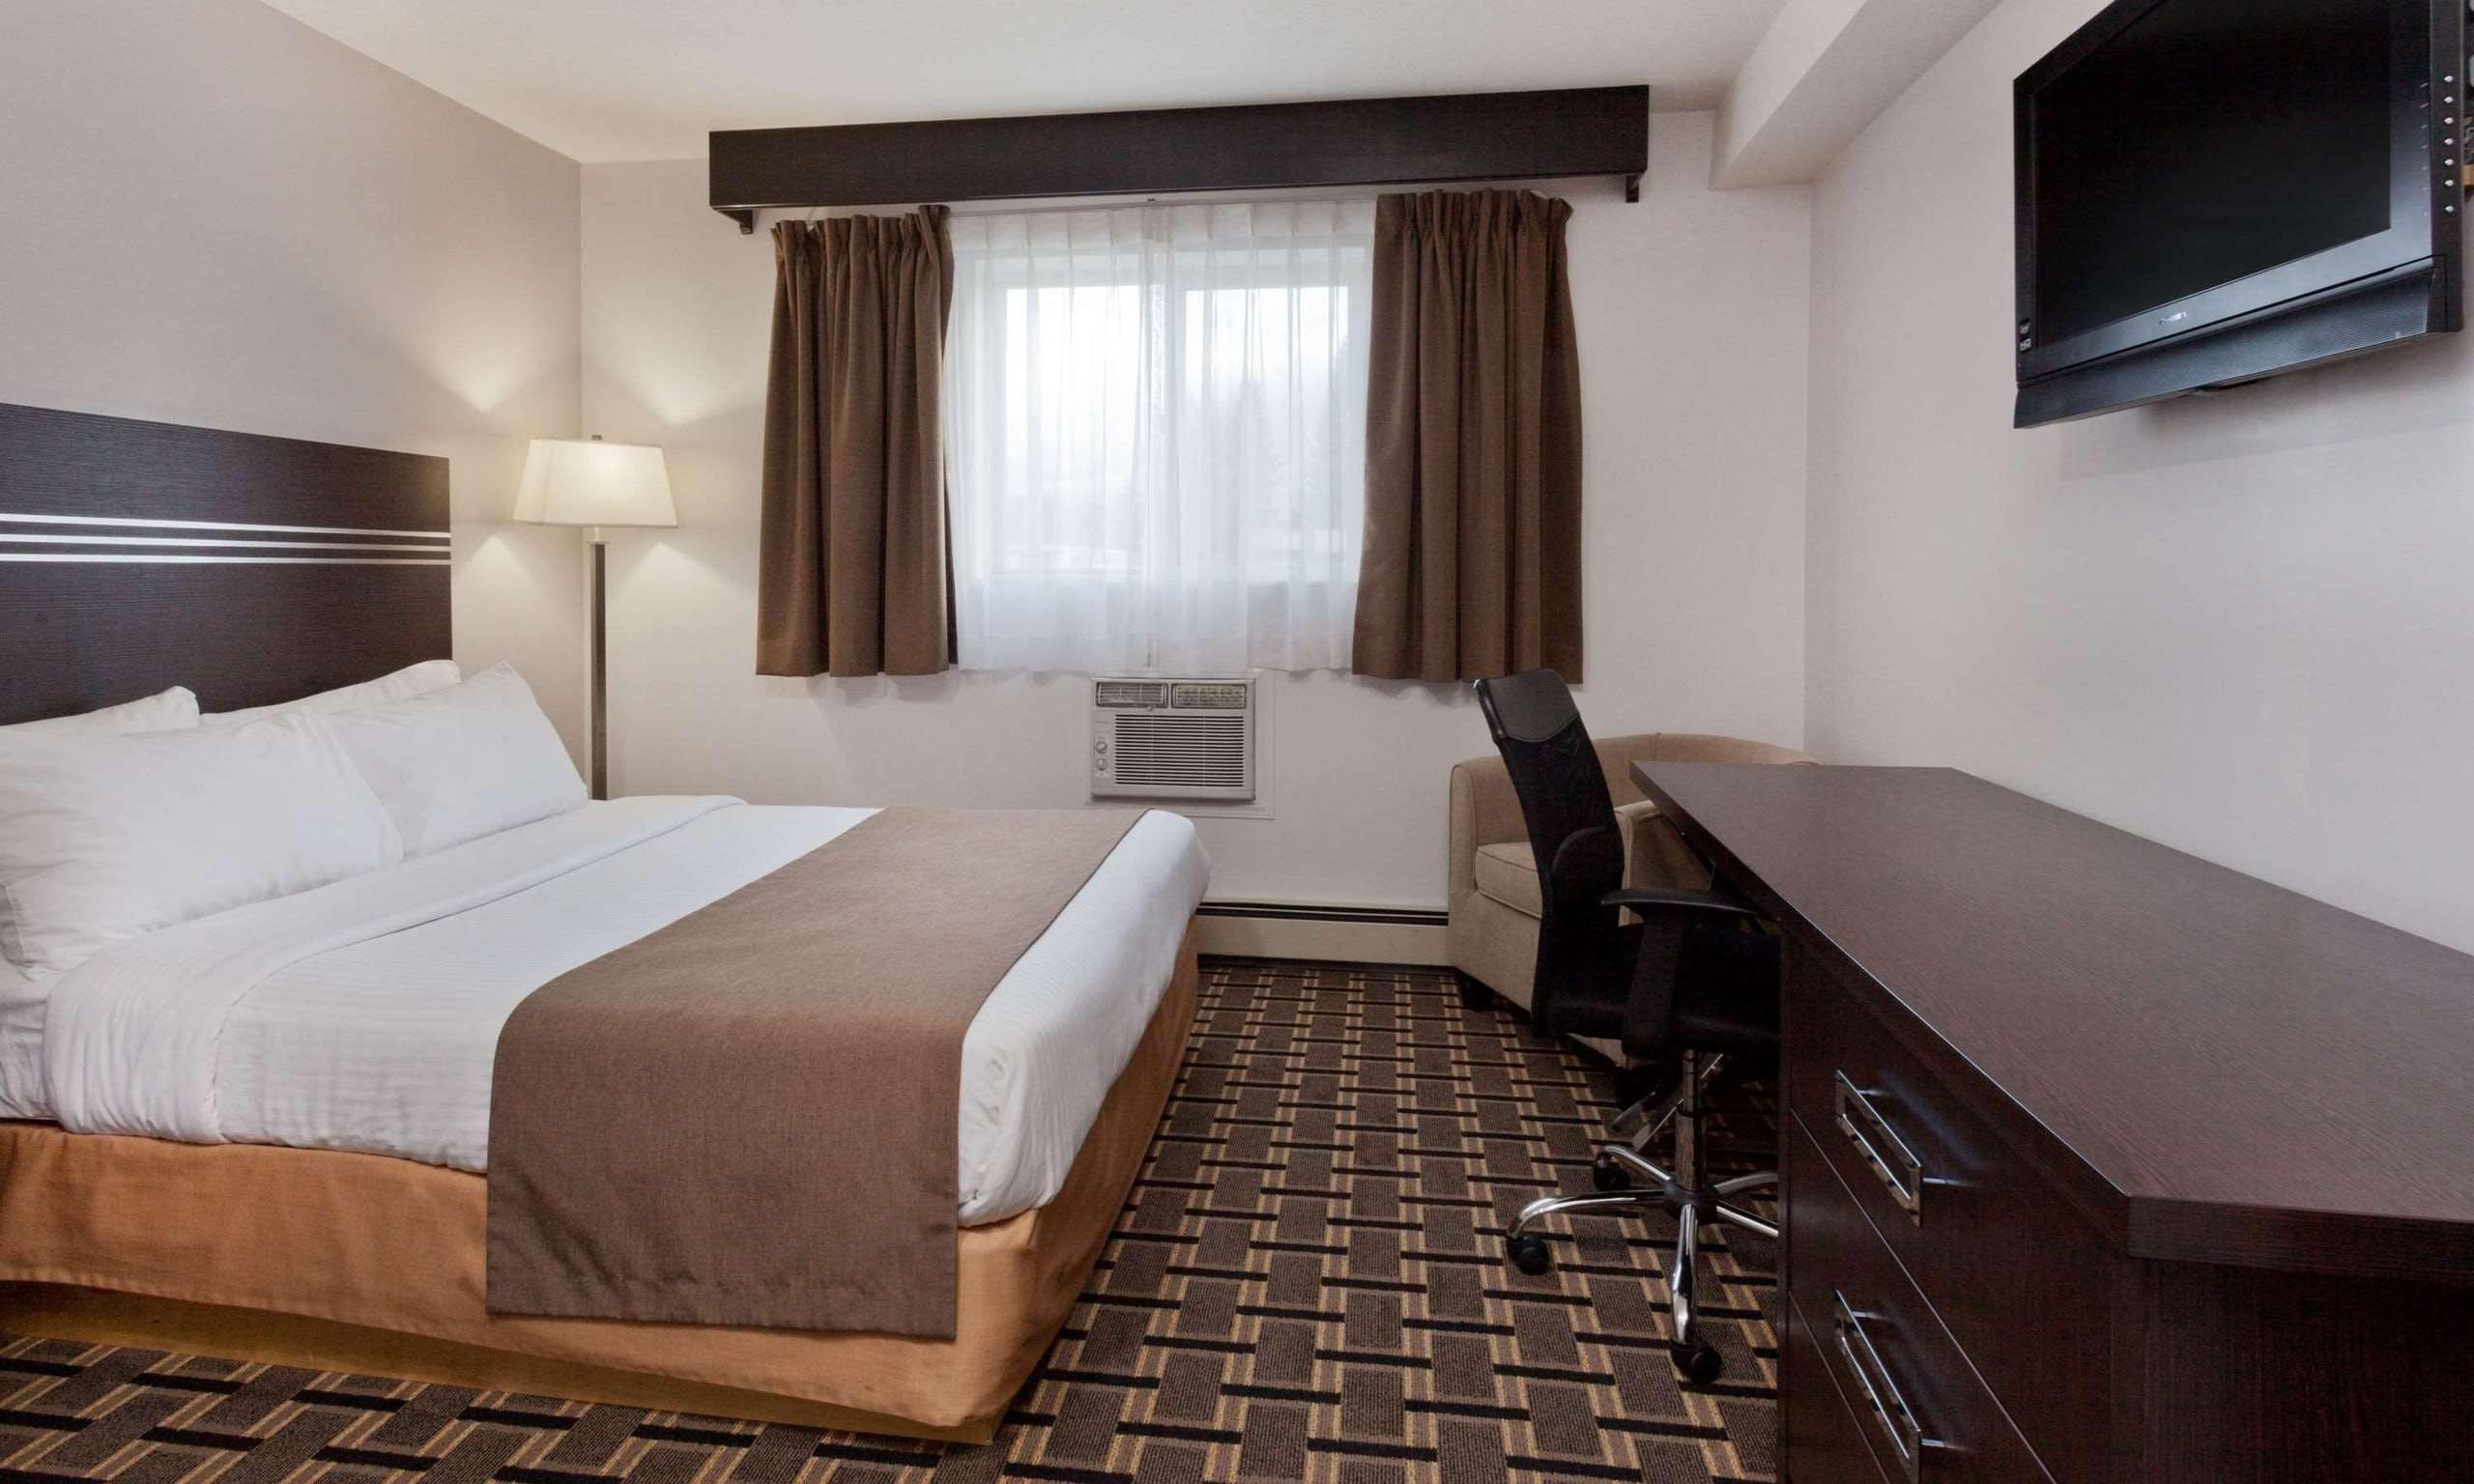 jasper hotel deals last minute